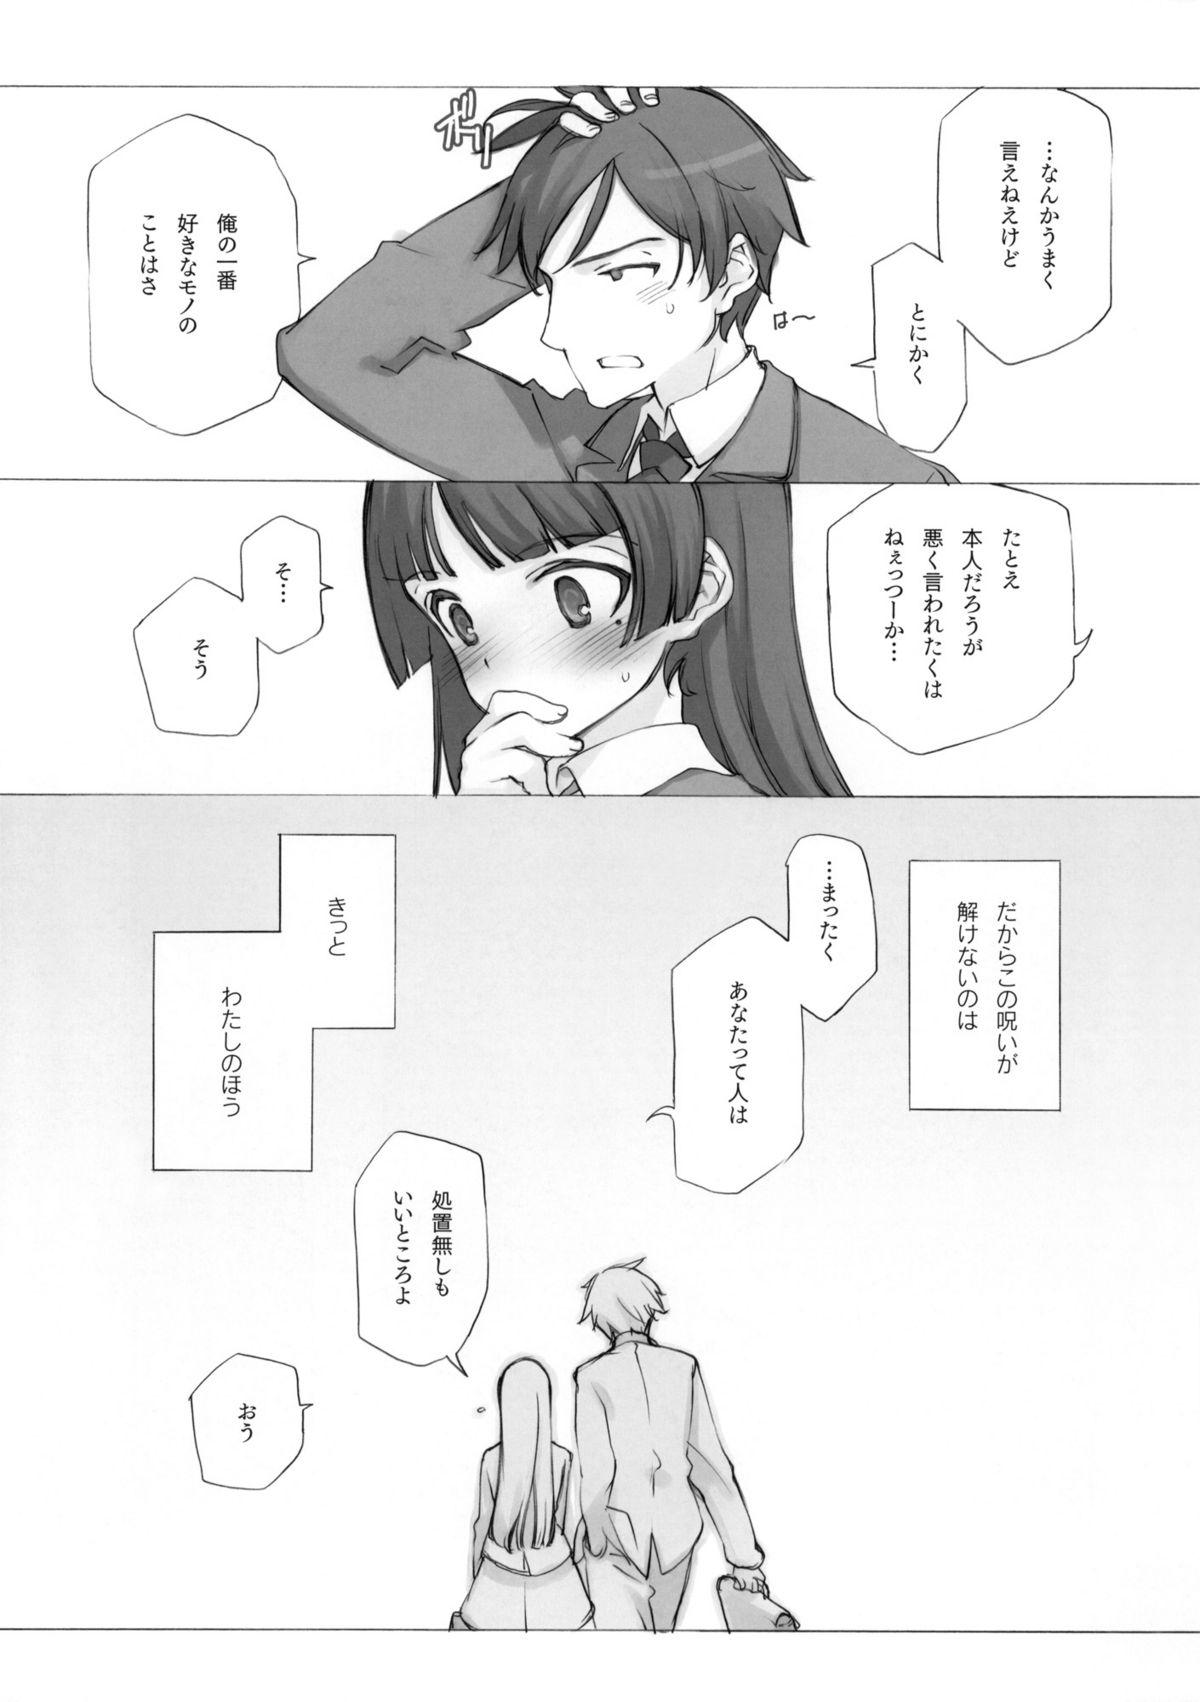 KURONEKO NO TANGO 18